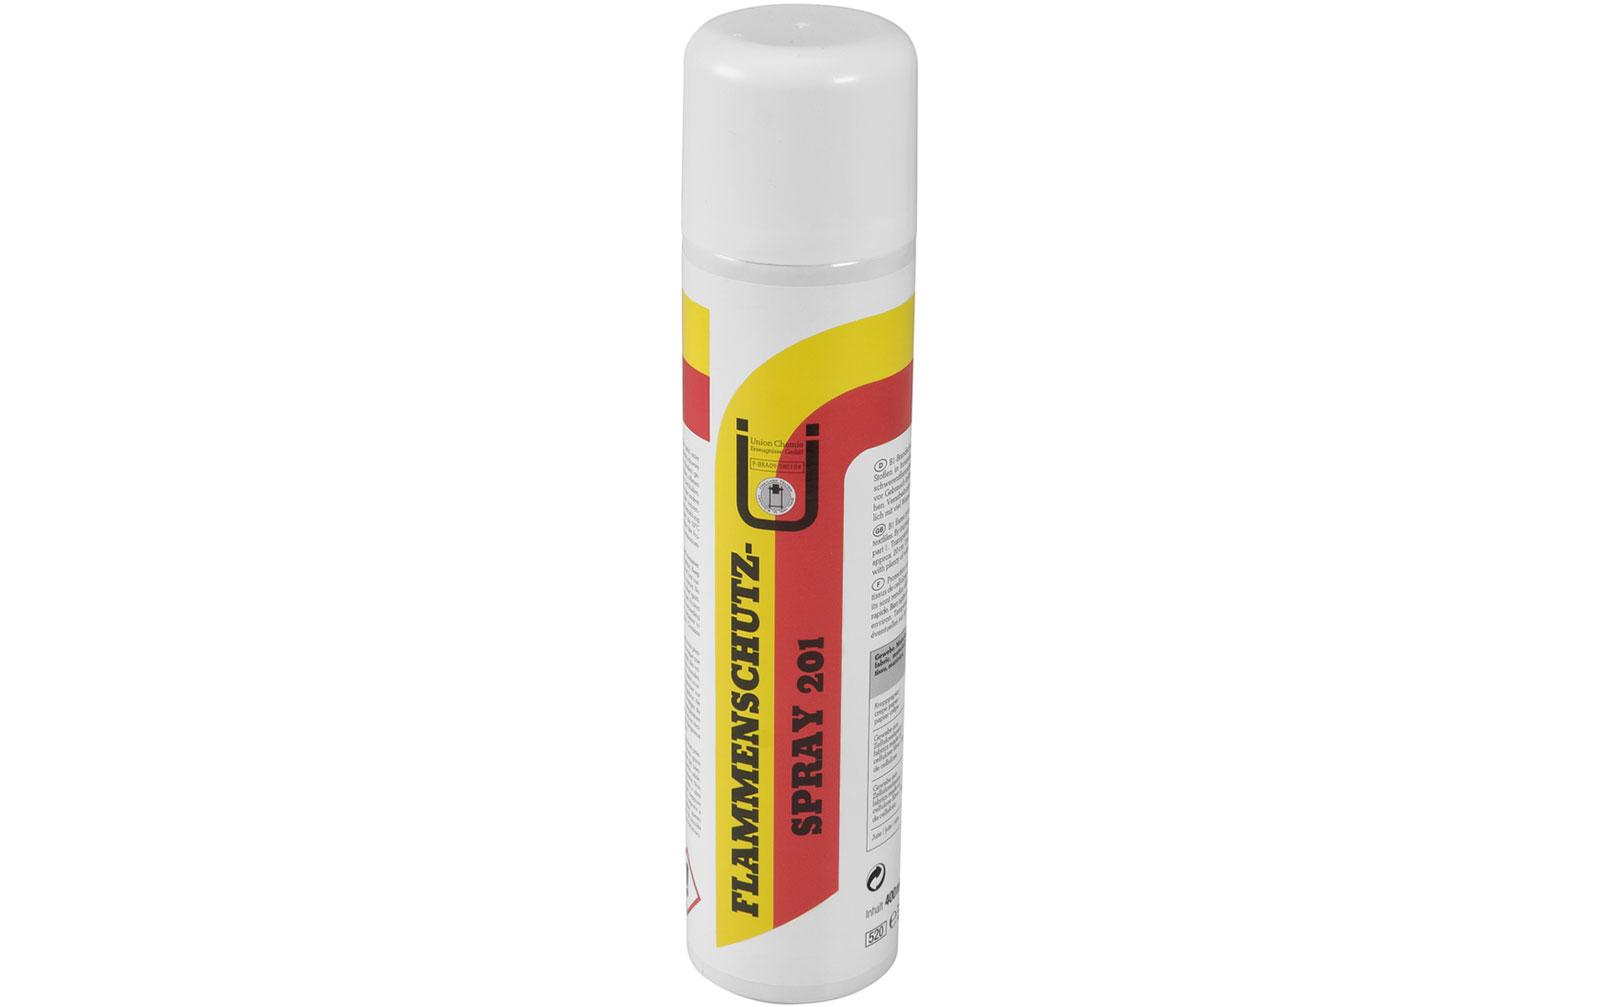 steinigke-brandschutzspray-nach-din4102-b1-400ml